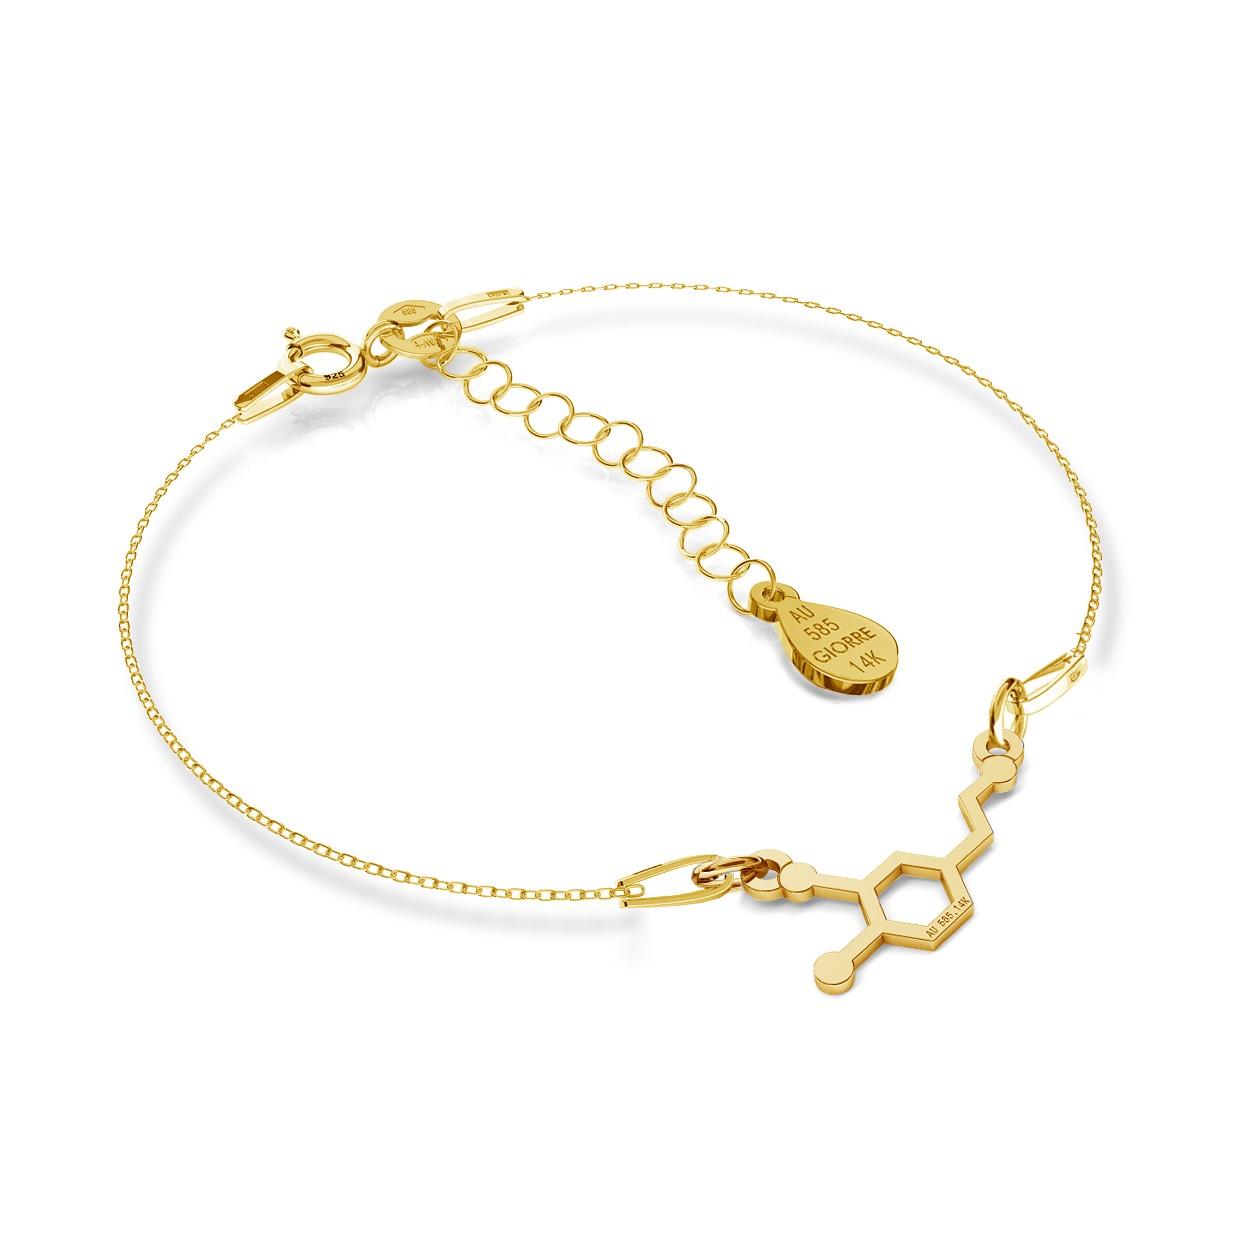 Gold necklace dopamine 14k